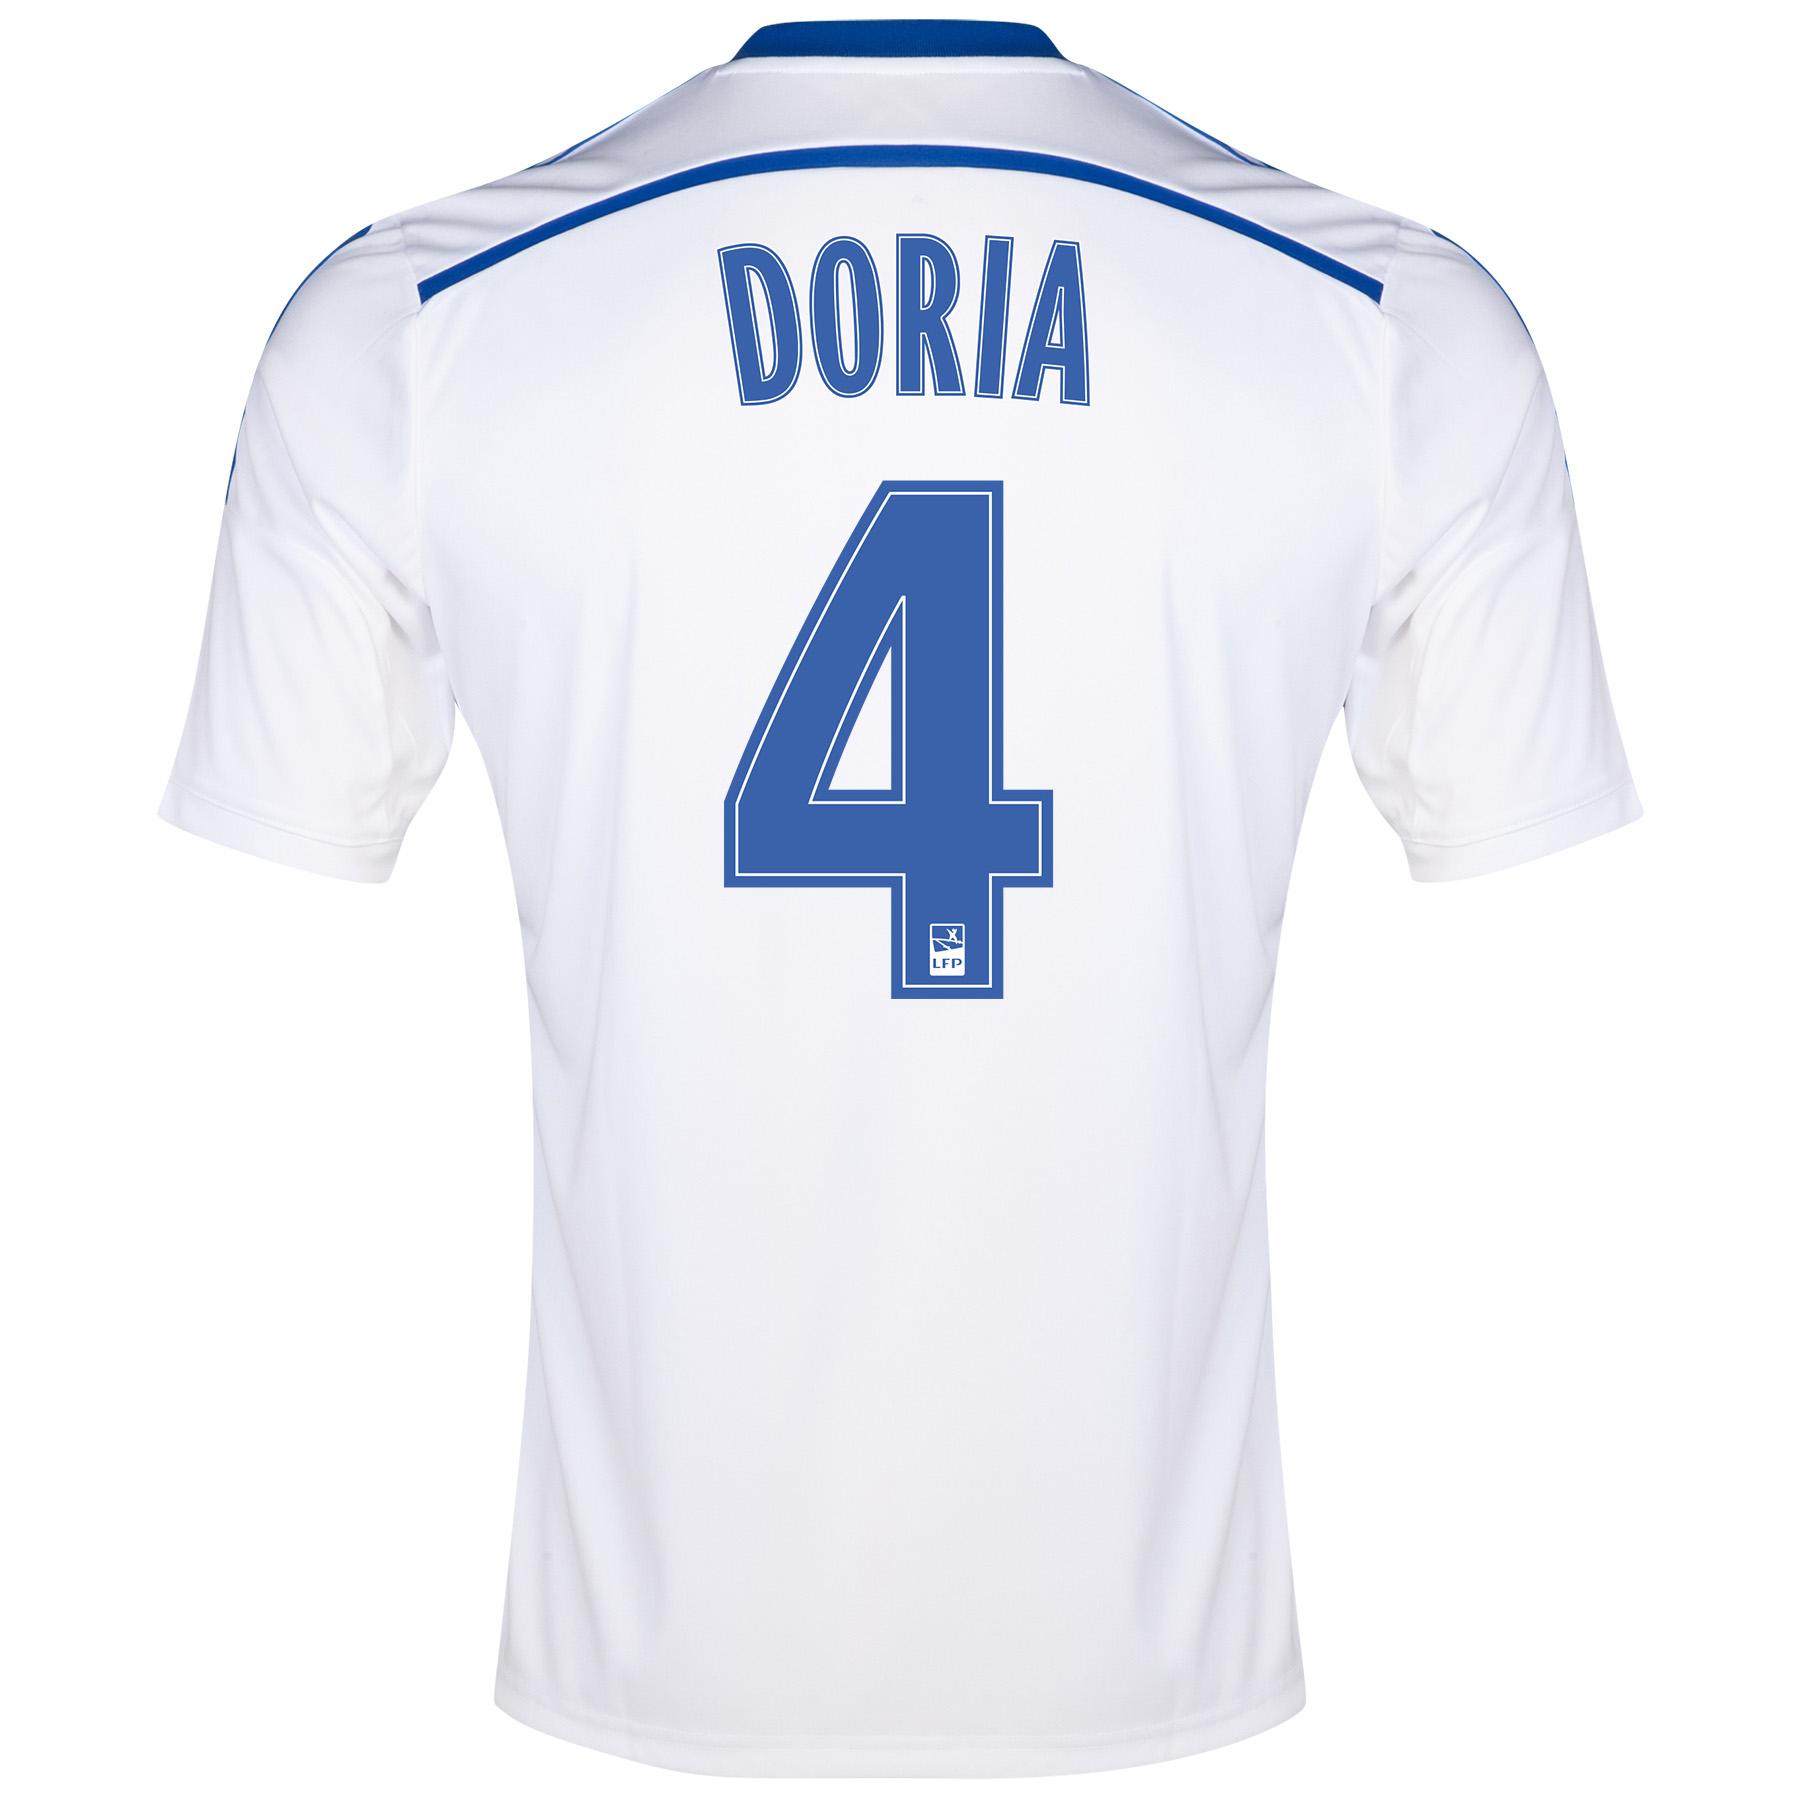 Olympique de Marseille Home Shirt Short Sleeve - Junior 2014/15 White with Doria 4 printing